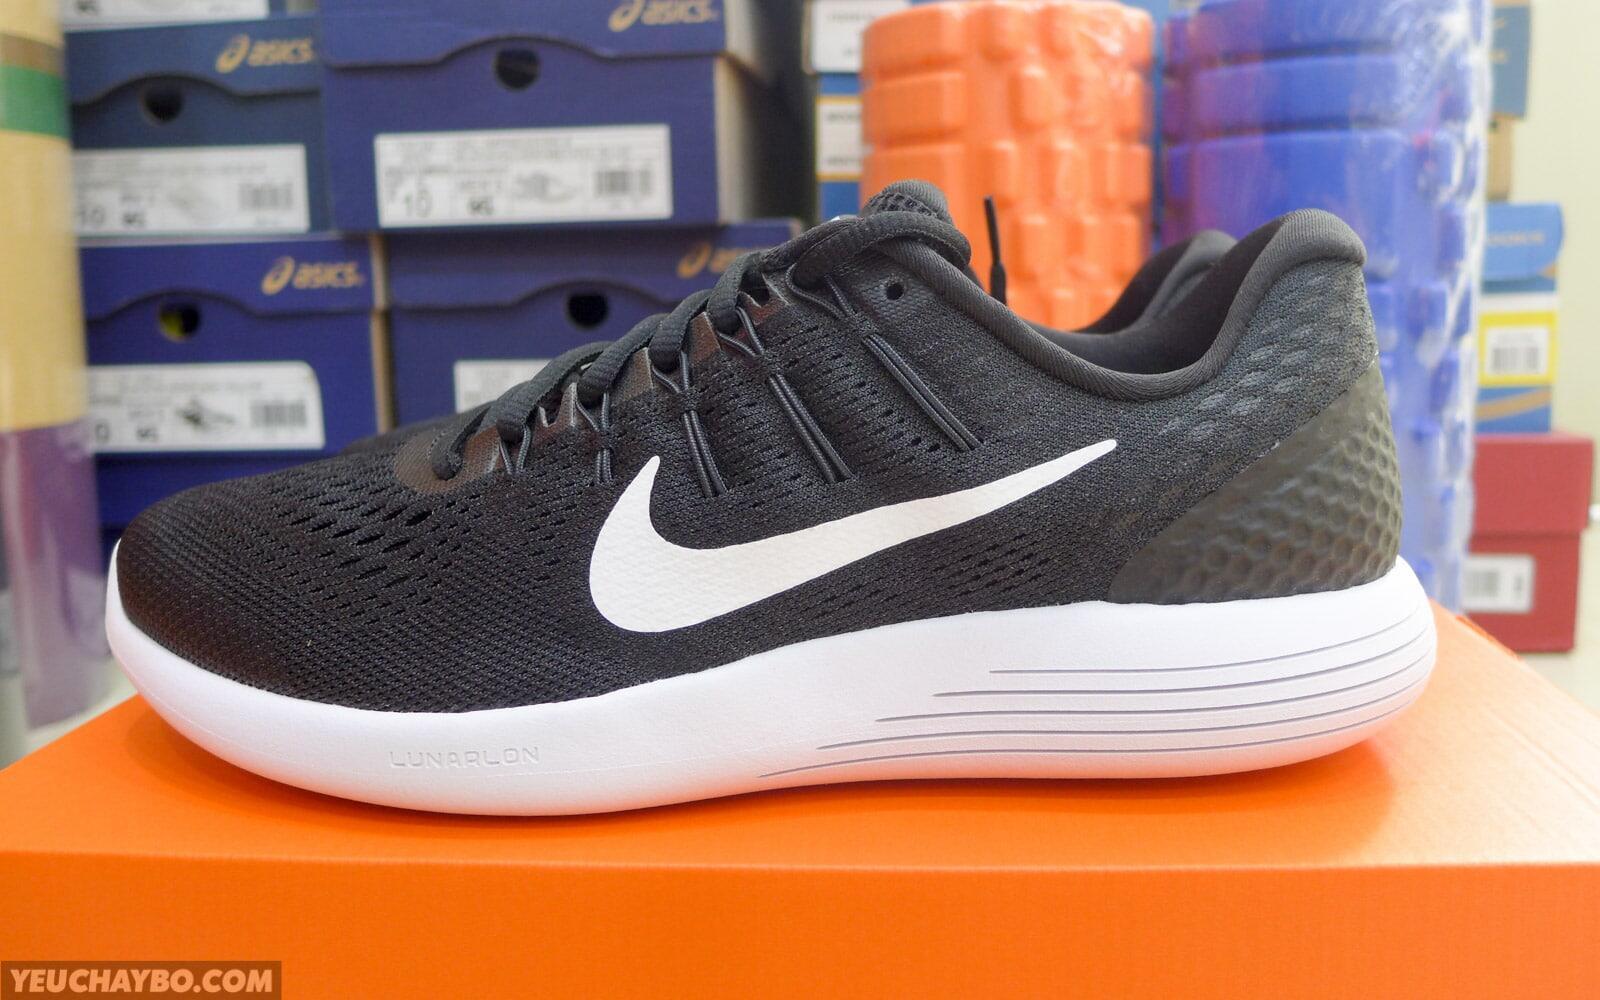 Trên chân Nike LunarGlide 8 – [Phần 1] Gọn gàng hơn, ôm chân hơn